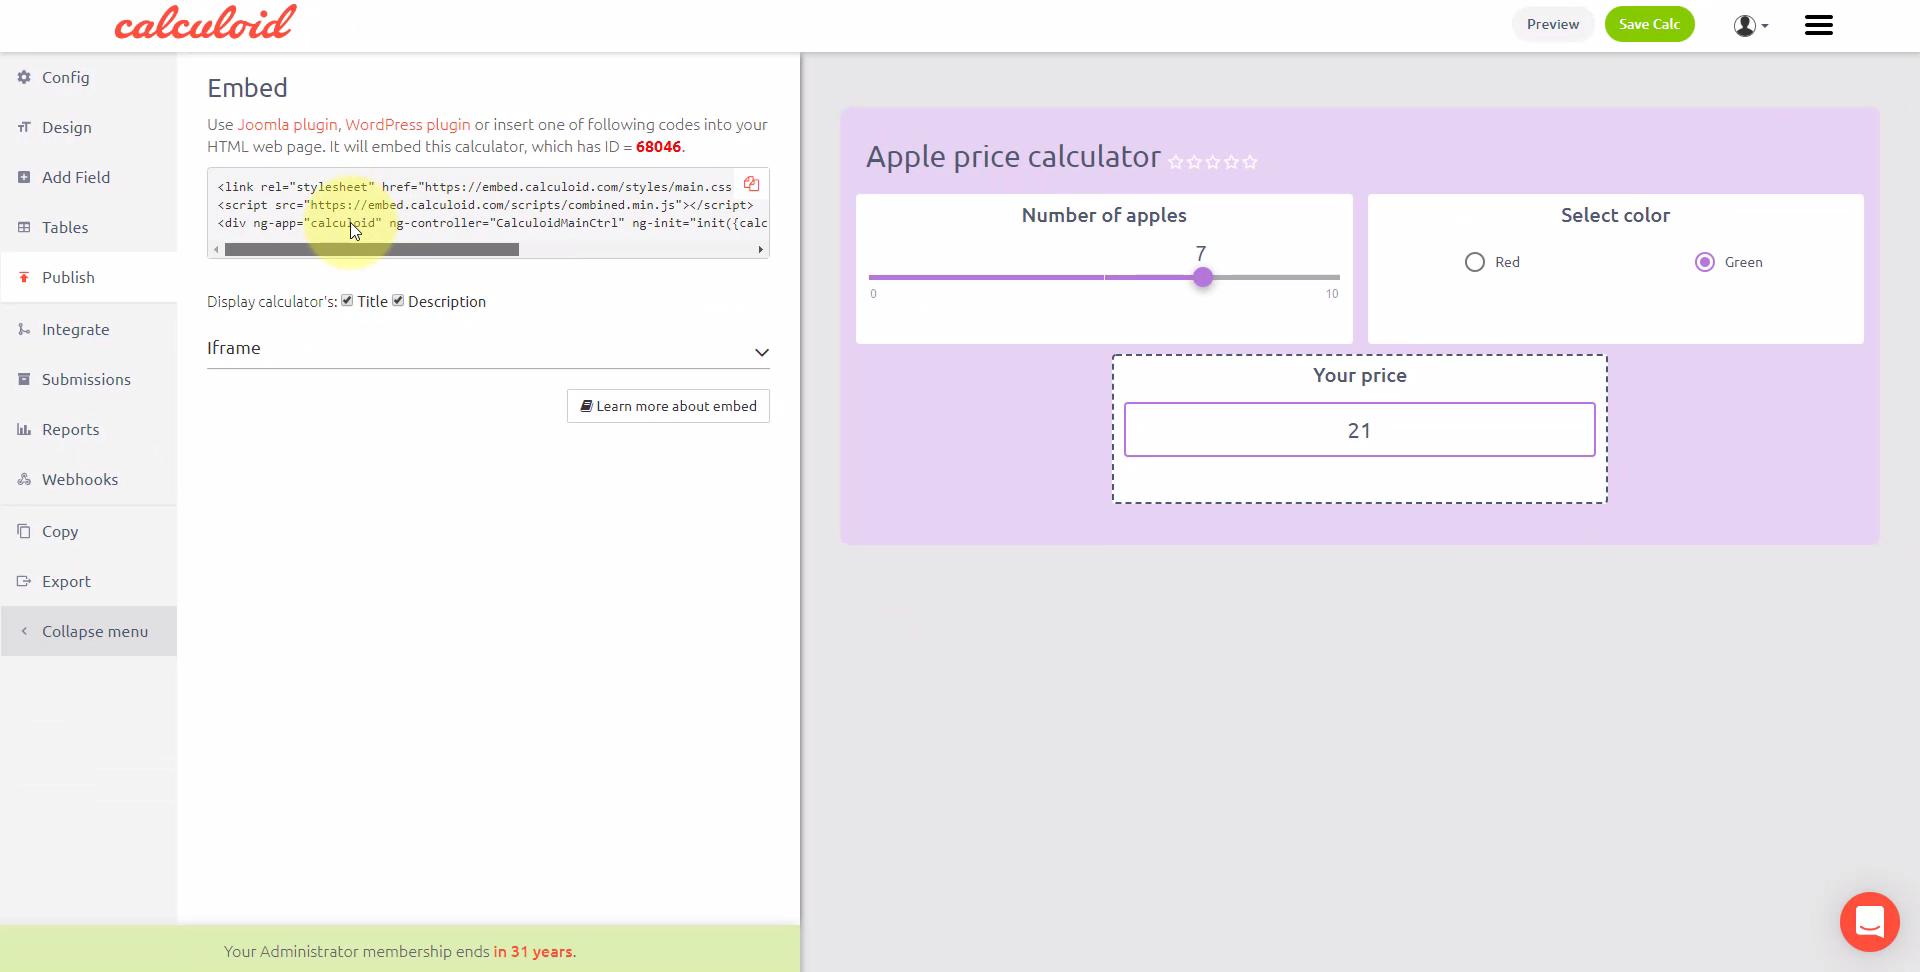 Online-Shop-Rechner-Vorlage - Calculoid.com